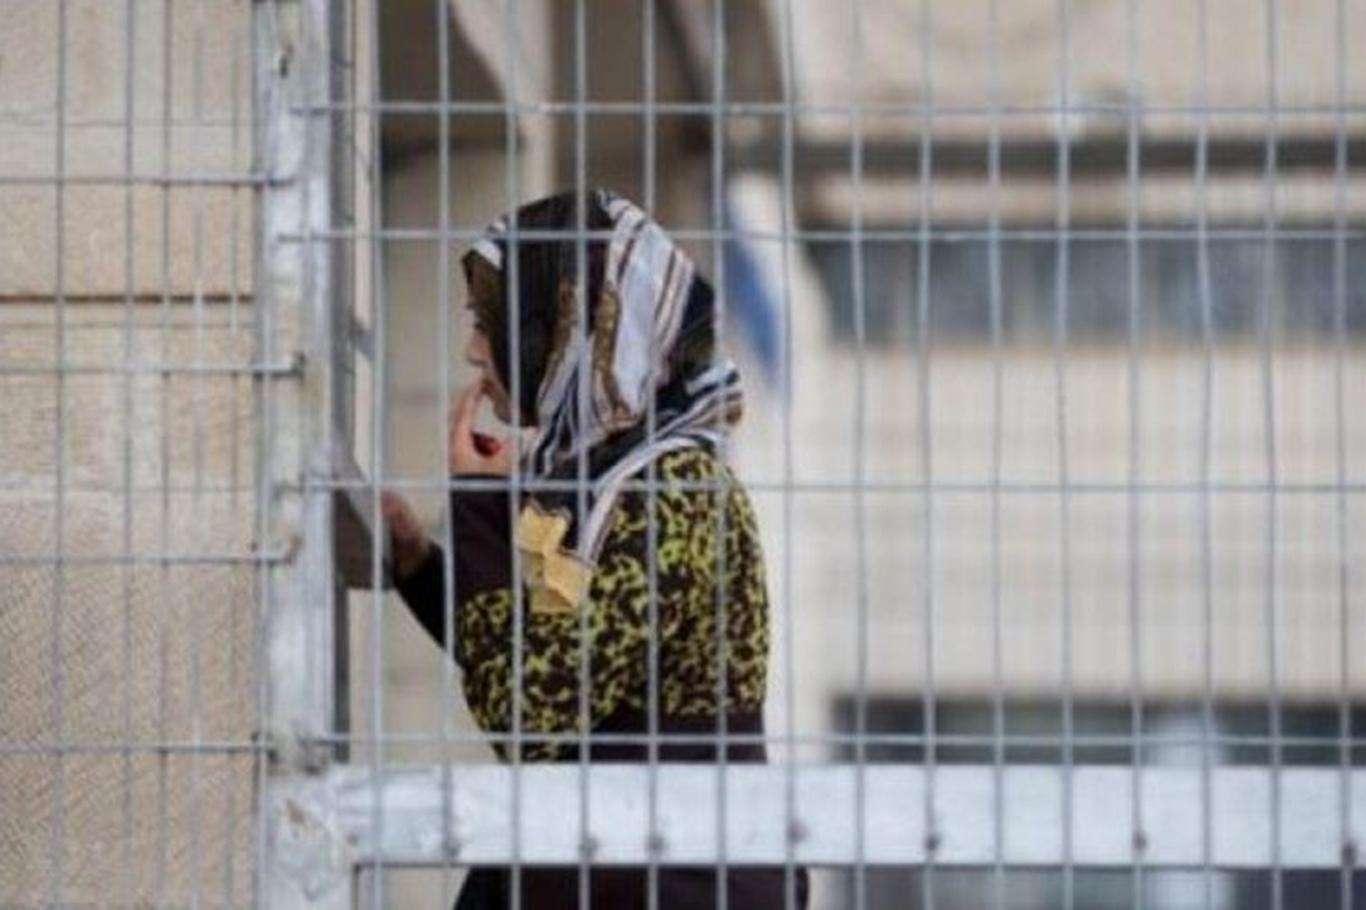 İşgal zindanlarındaki kadın esirler açlık grevine başladı